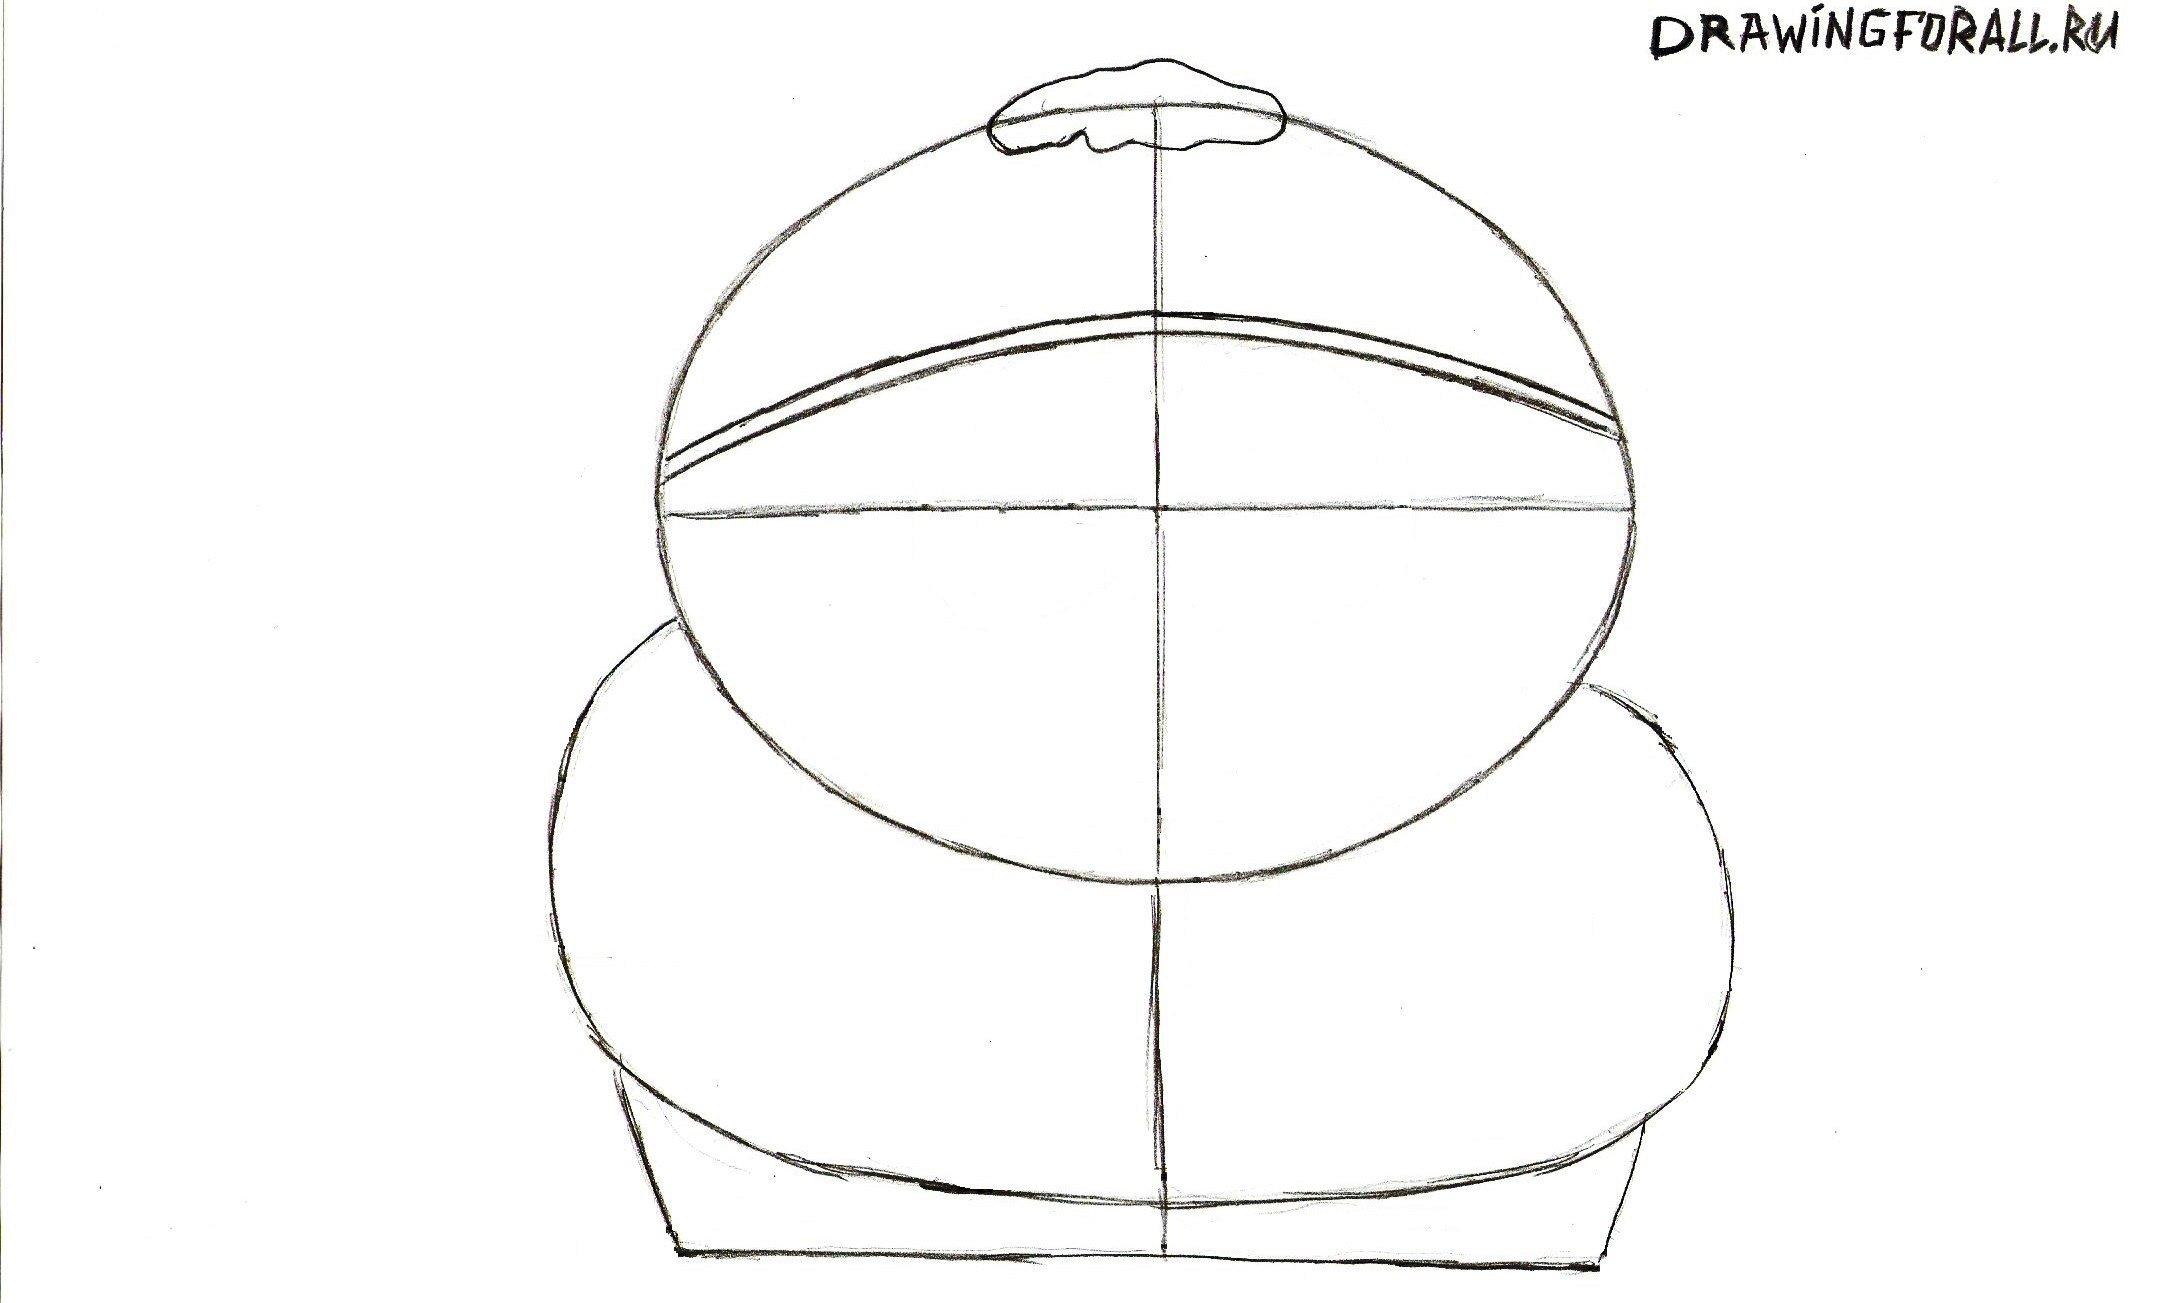 рисуем шапку Картмана